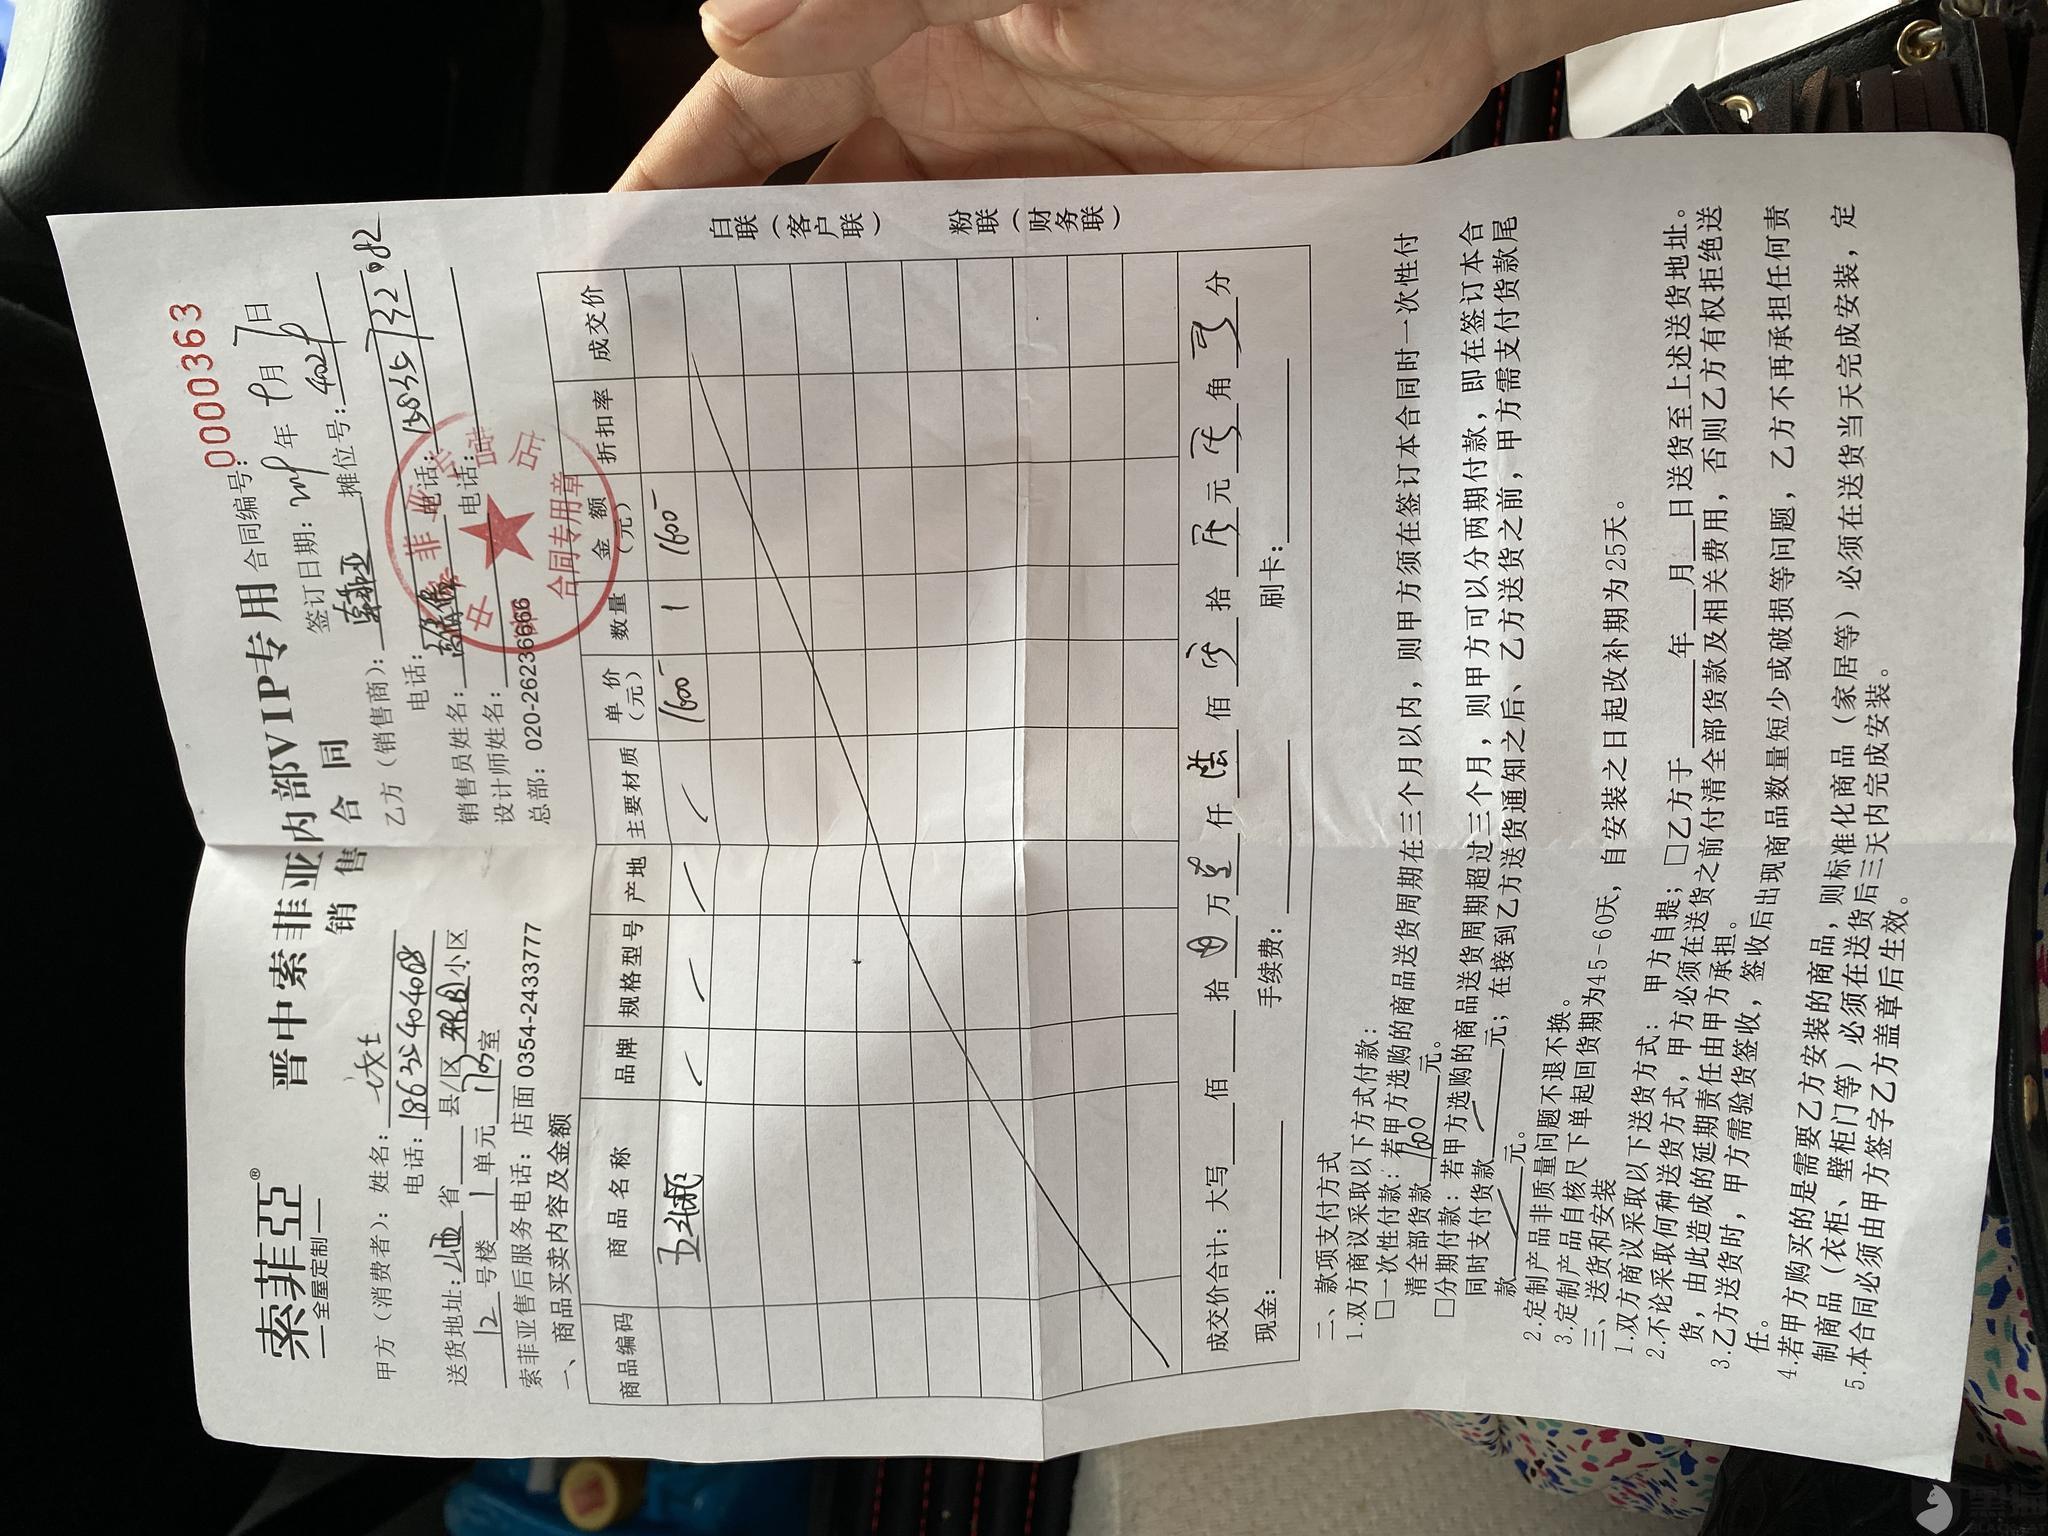 黑猫投诉:居然之家晋中田森店索菲亚11个月未送货未退款